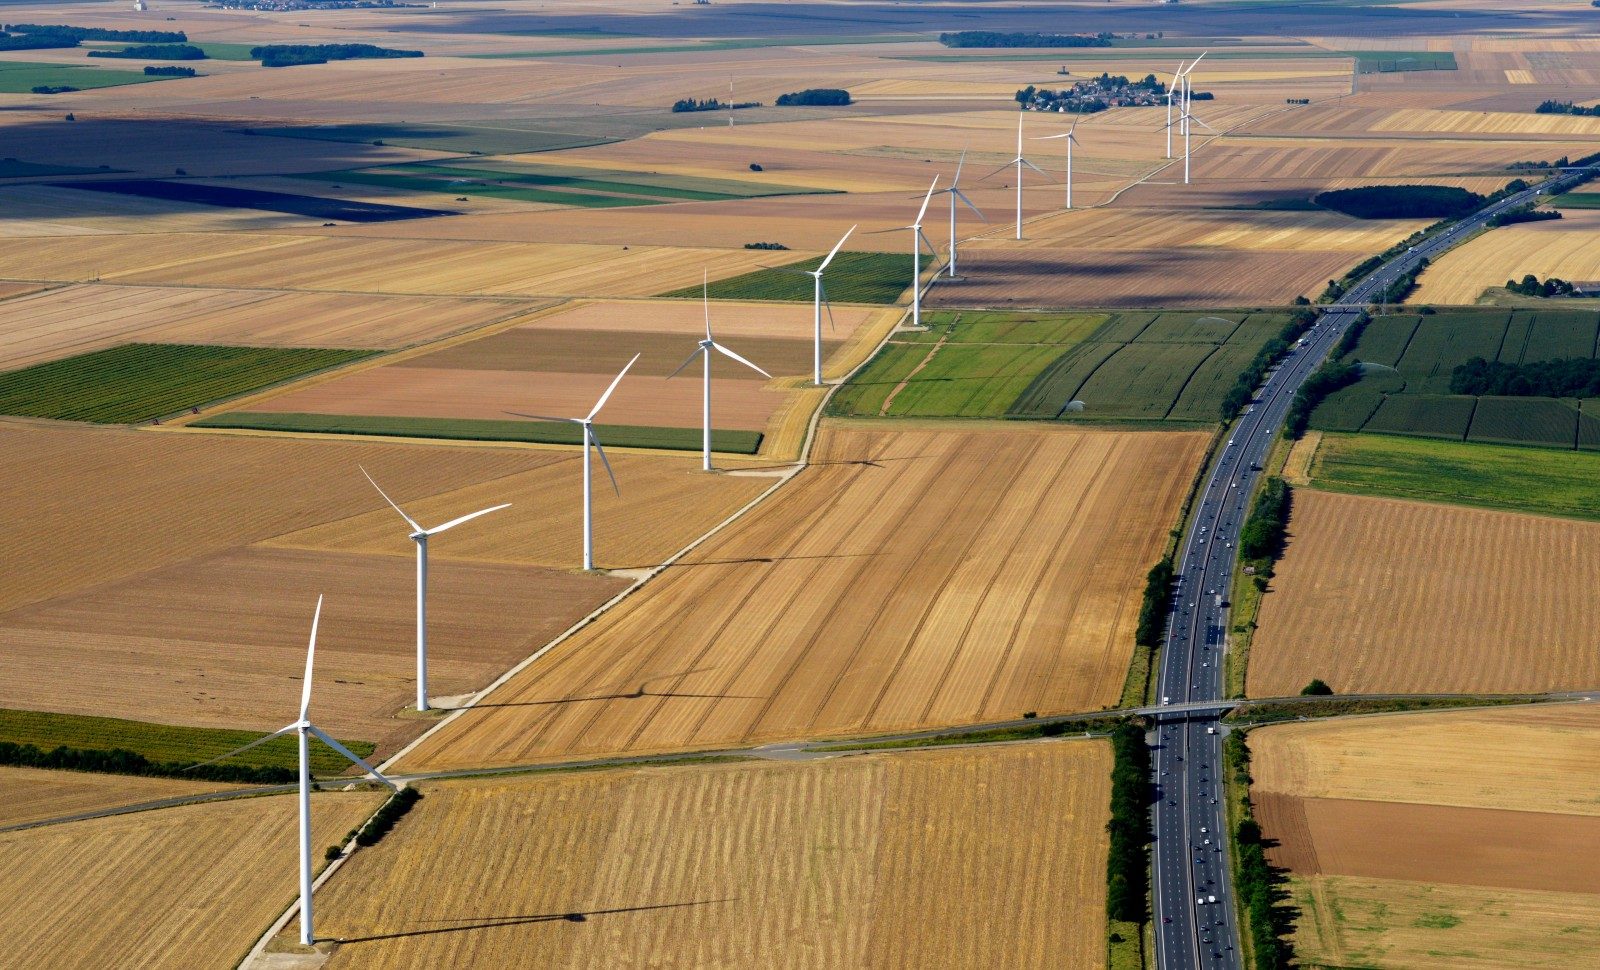 Tronçon de l'autoroute A10, dans l'Eure-et-Loir © AFP